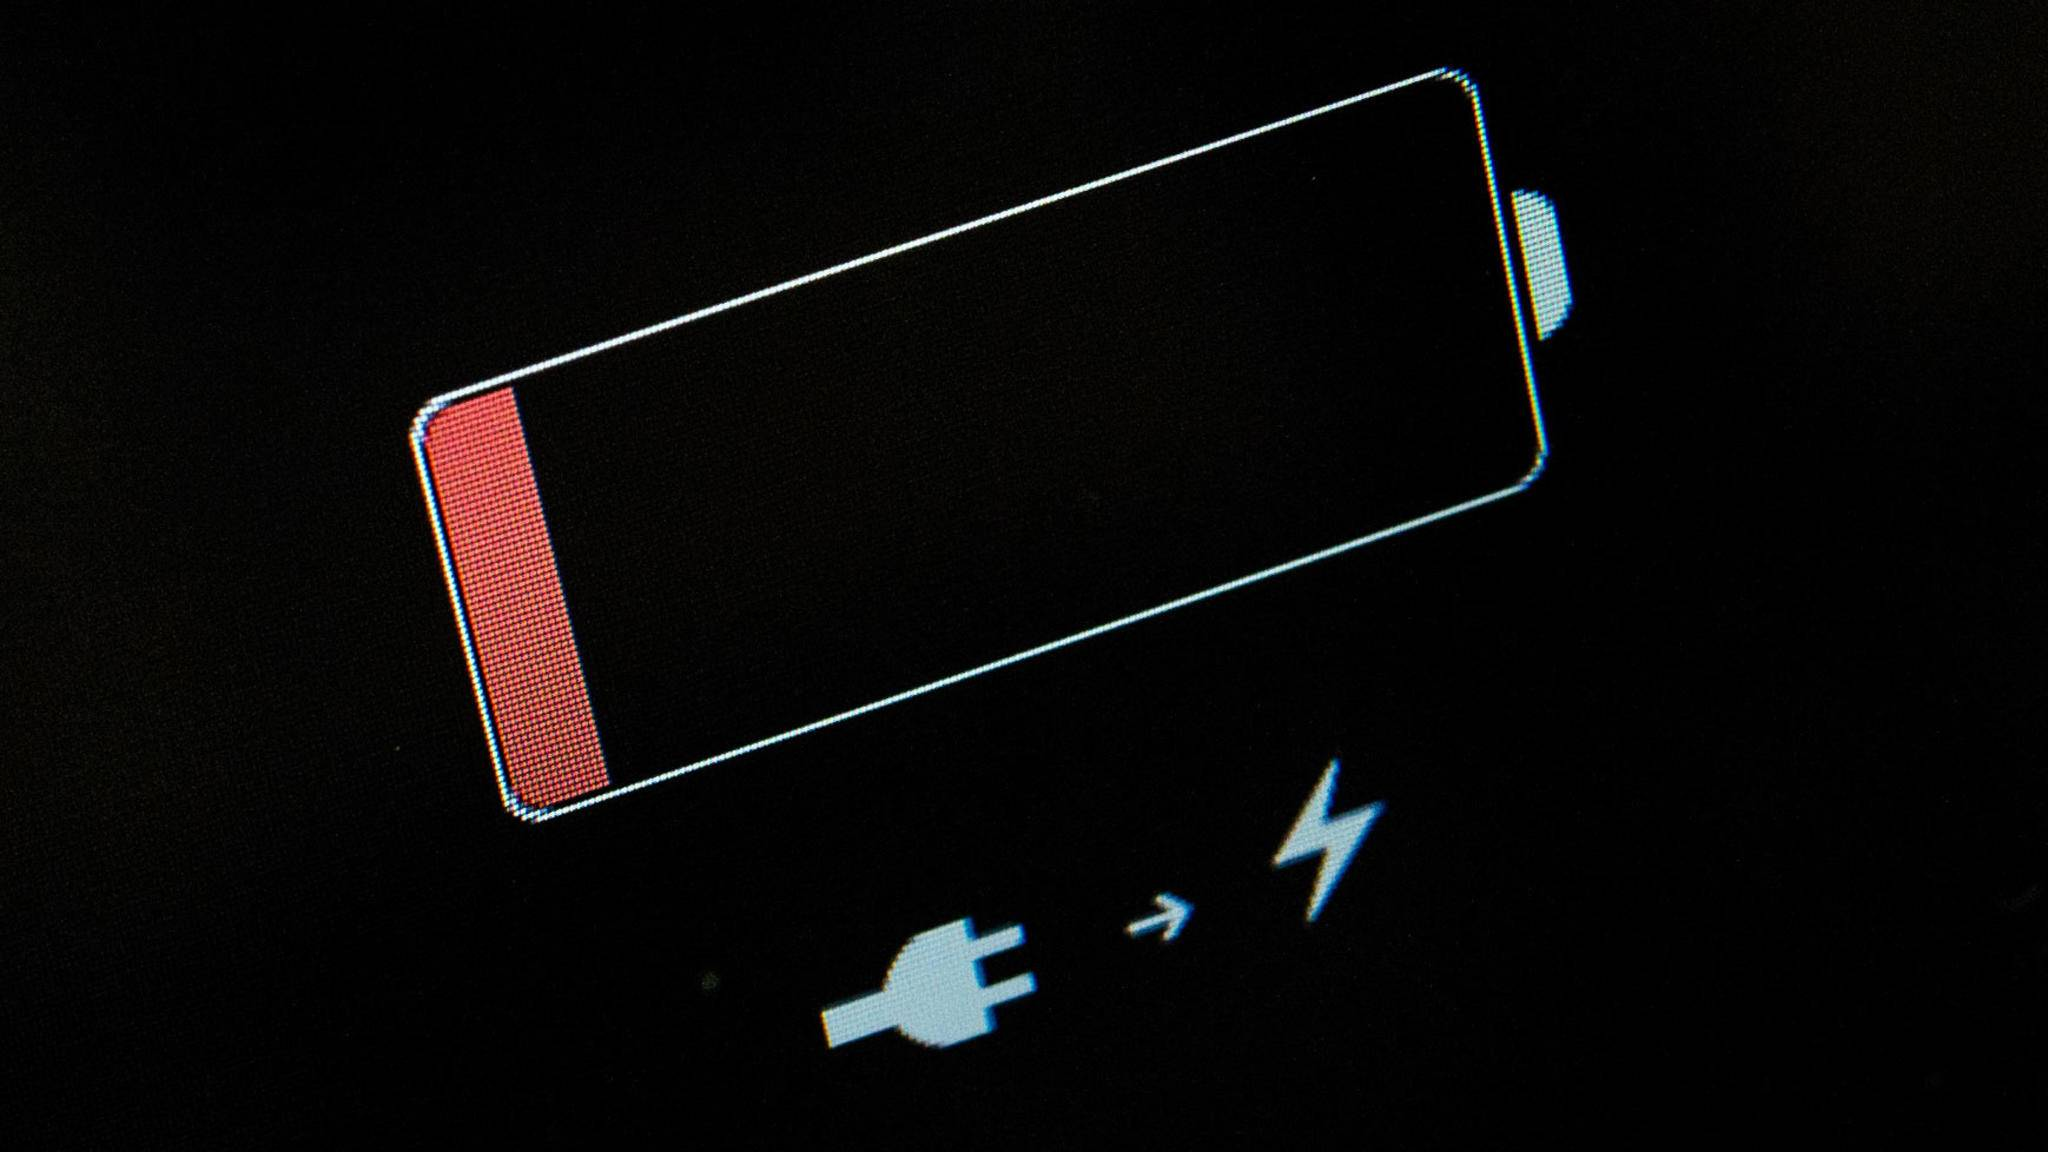 Du solltest darauf achten, das gefundene iPhone weiterhin mit Strom zu versorgen.